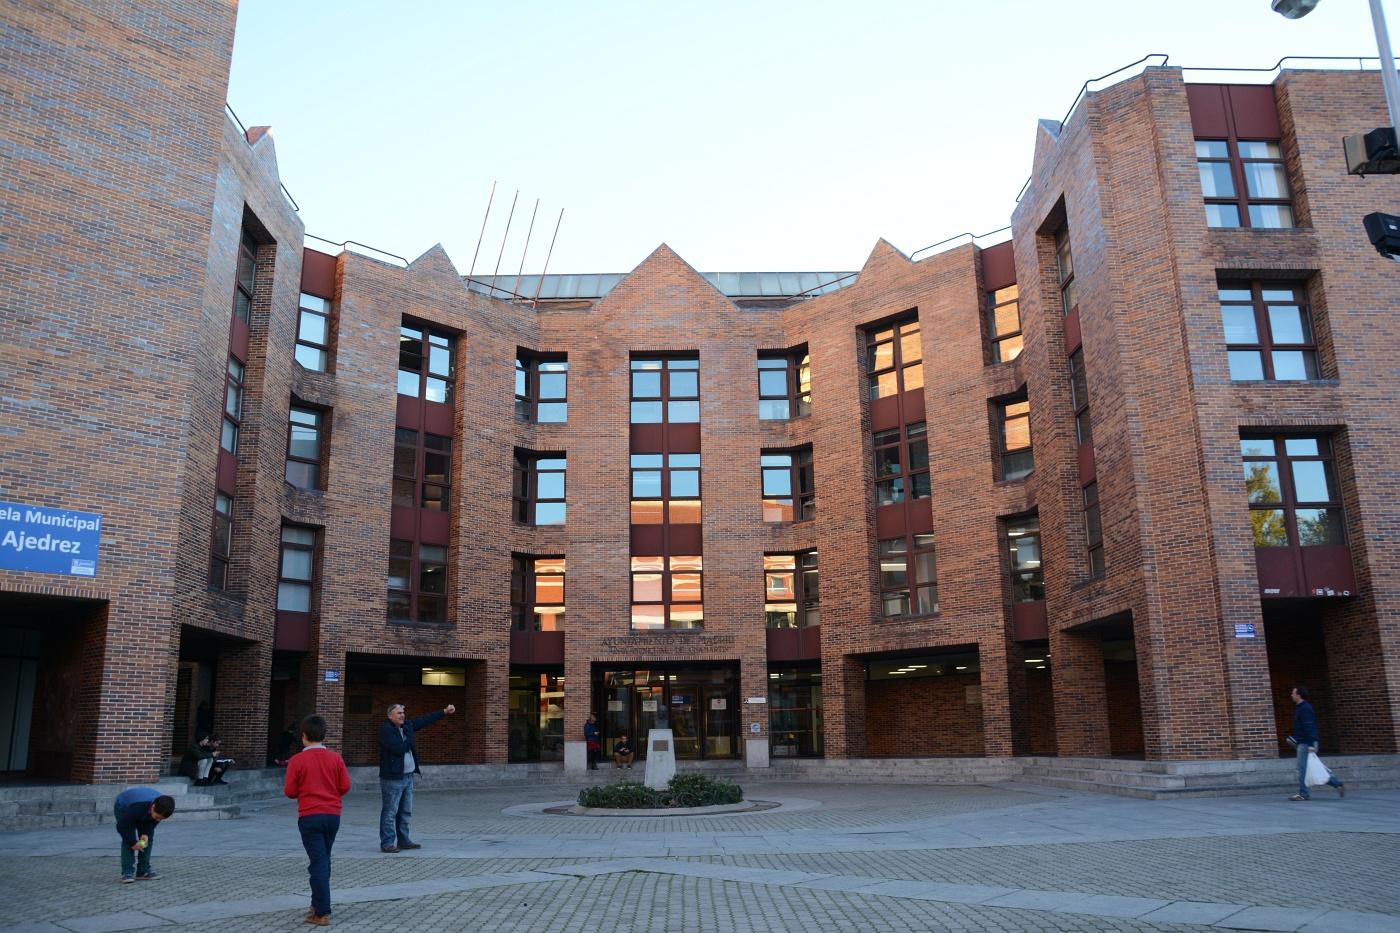 Unidad Integral del Distrito Chamartín - Ayuntamiento de Madrid